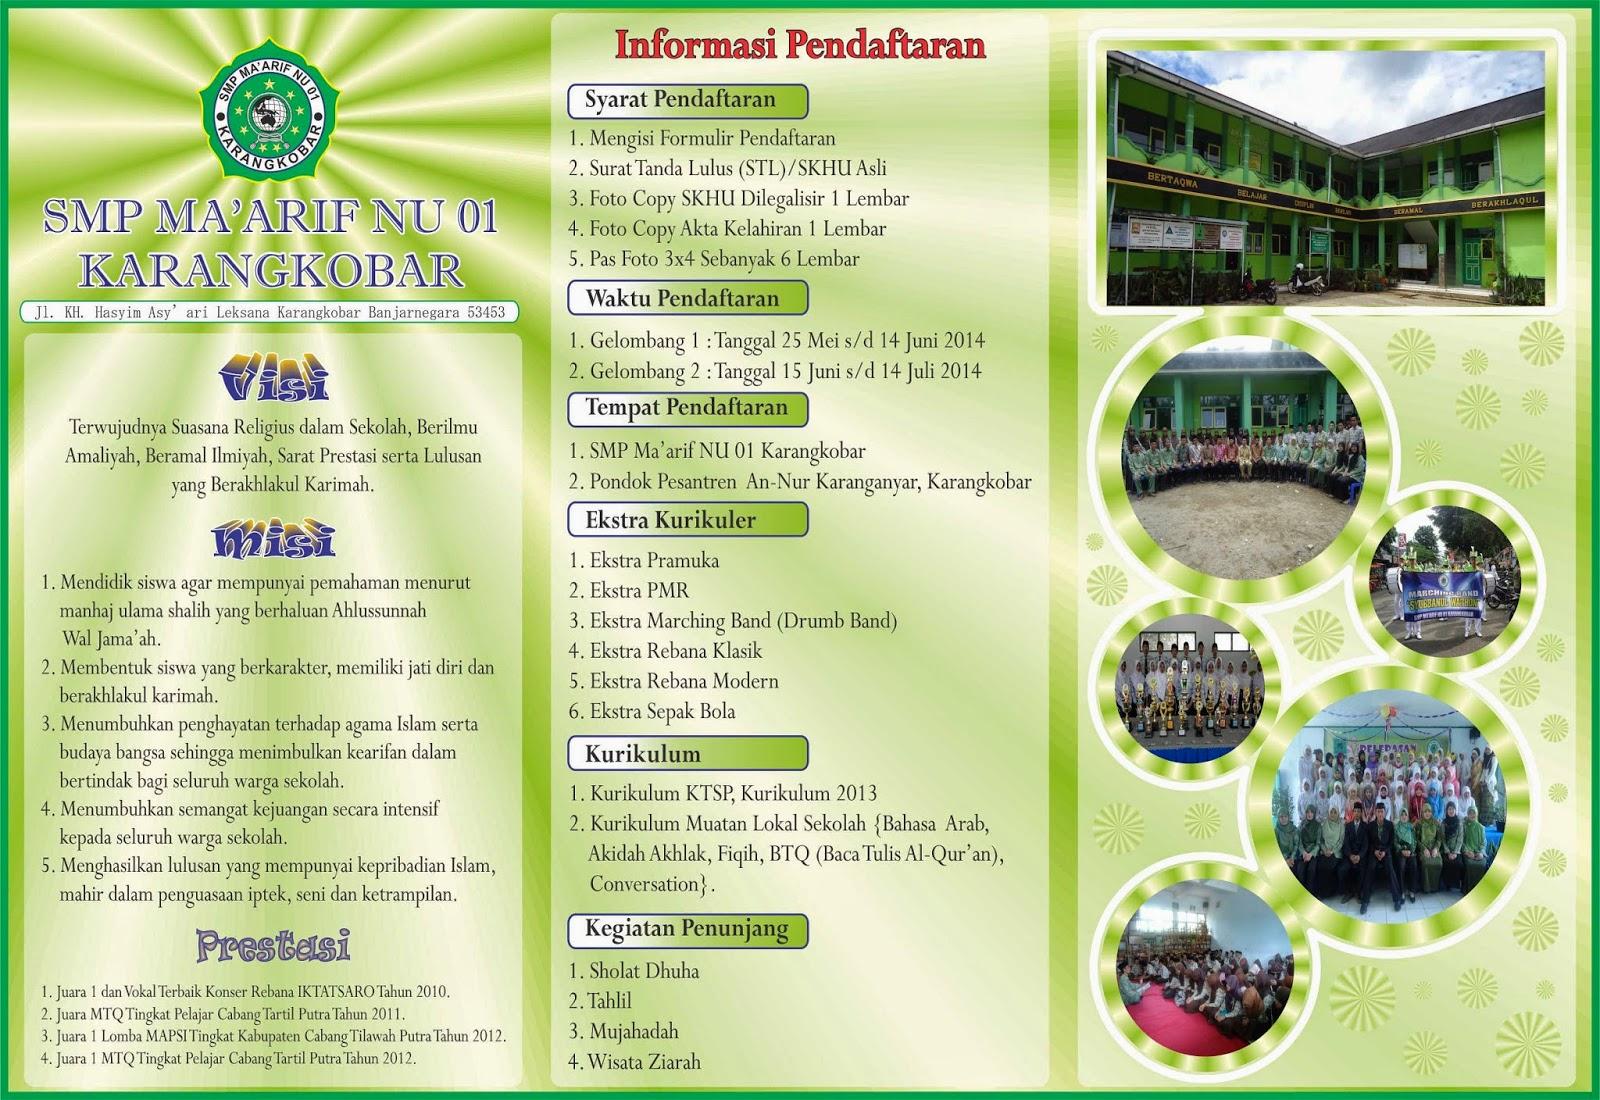 http://smpmanusaka.blogspot.com/